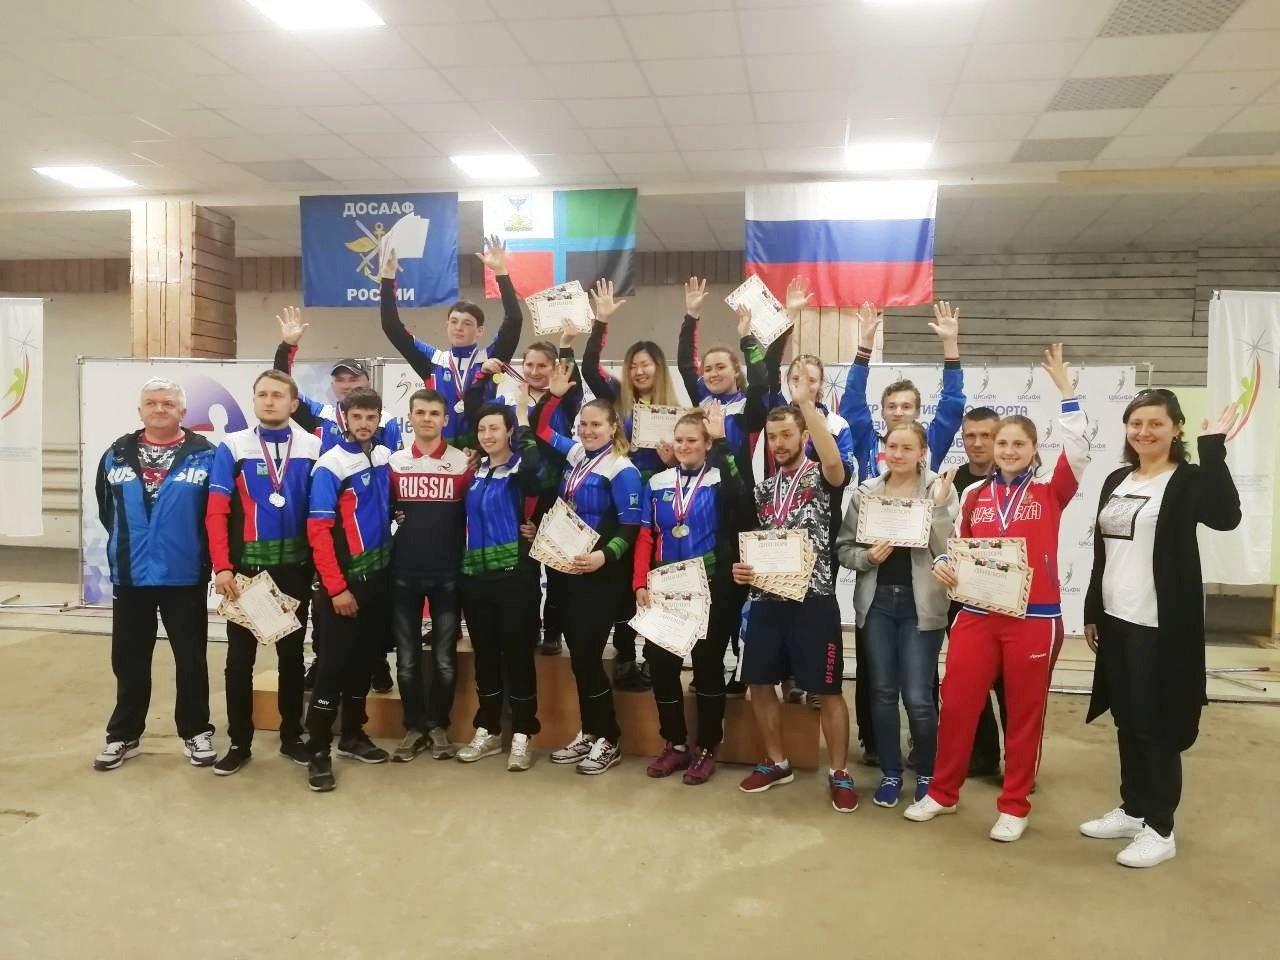 В Белгороде прошёл открытый личный Чемпионат по пулевой стрельбе среди лиц с нарушением слуха, фото-1